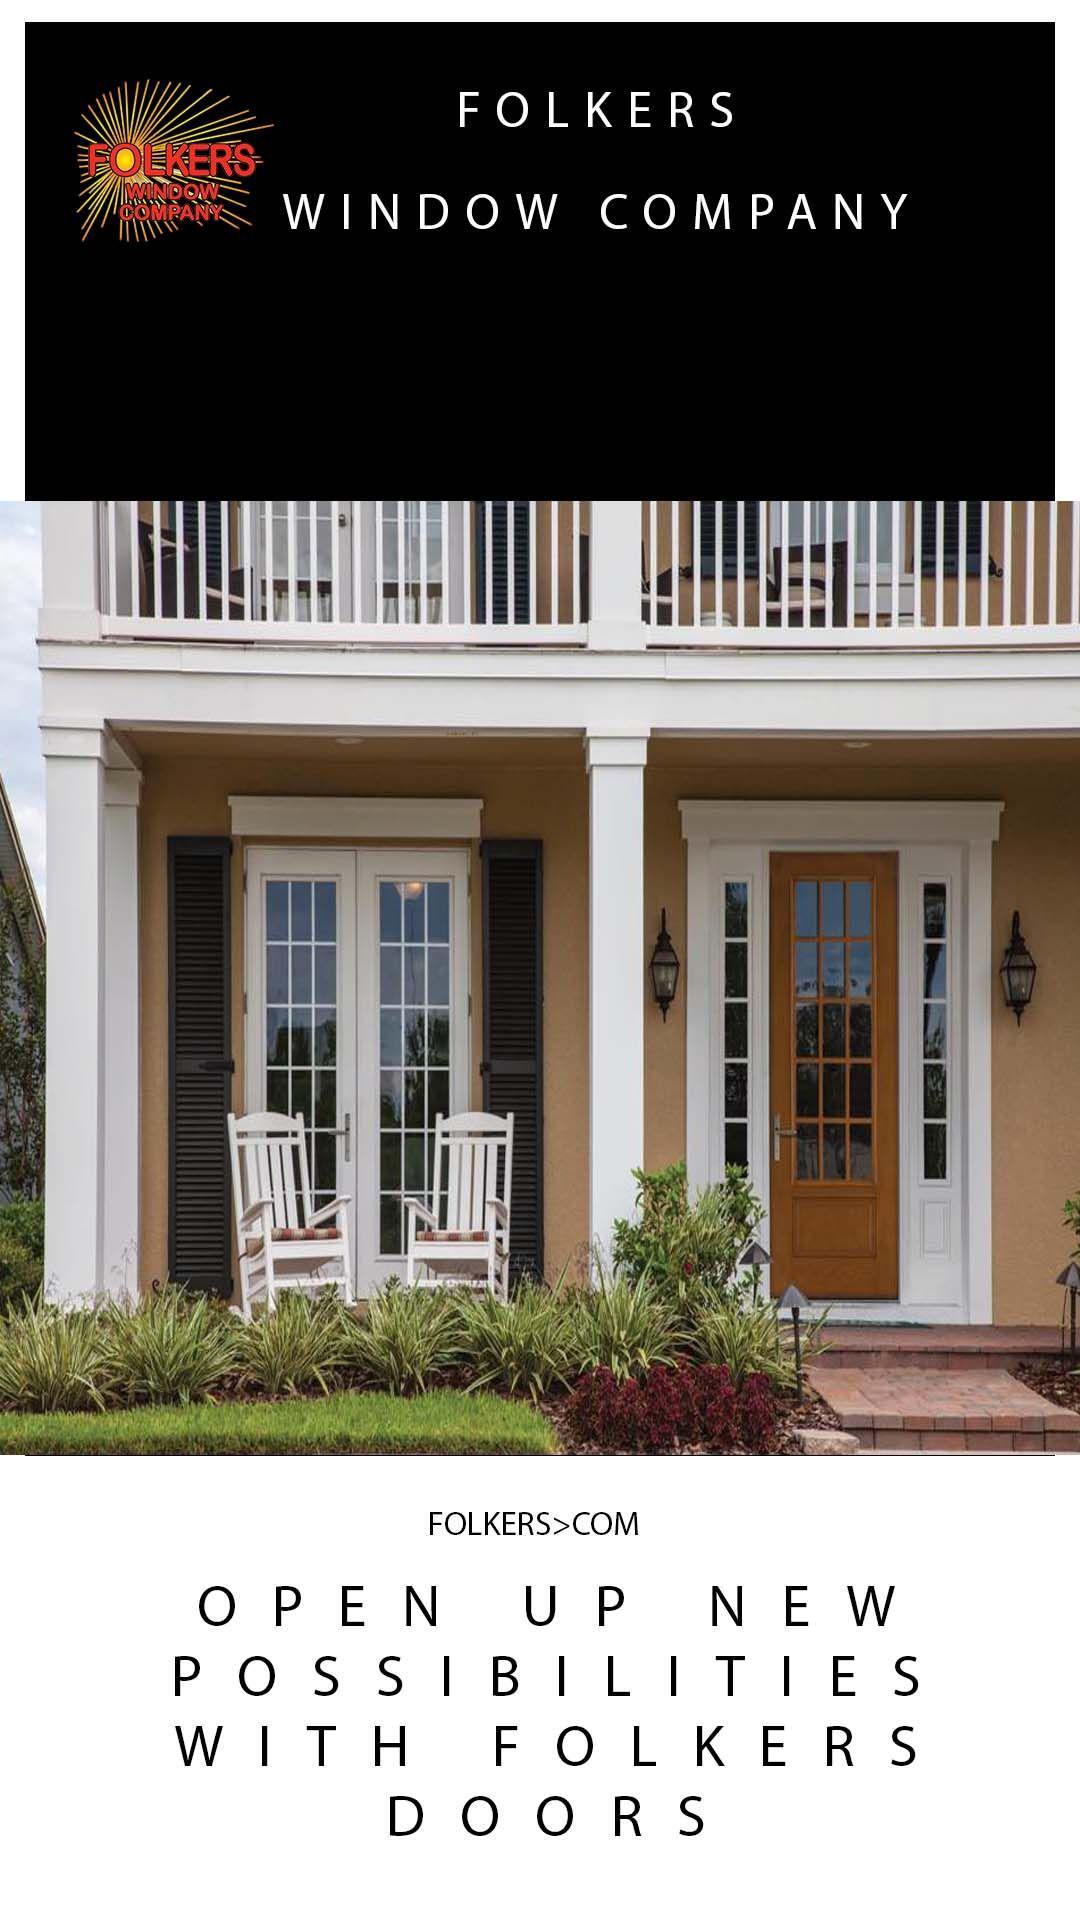 Folkers Doors Doors Home Improvement Contractors Exterior Doors